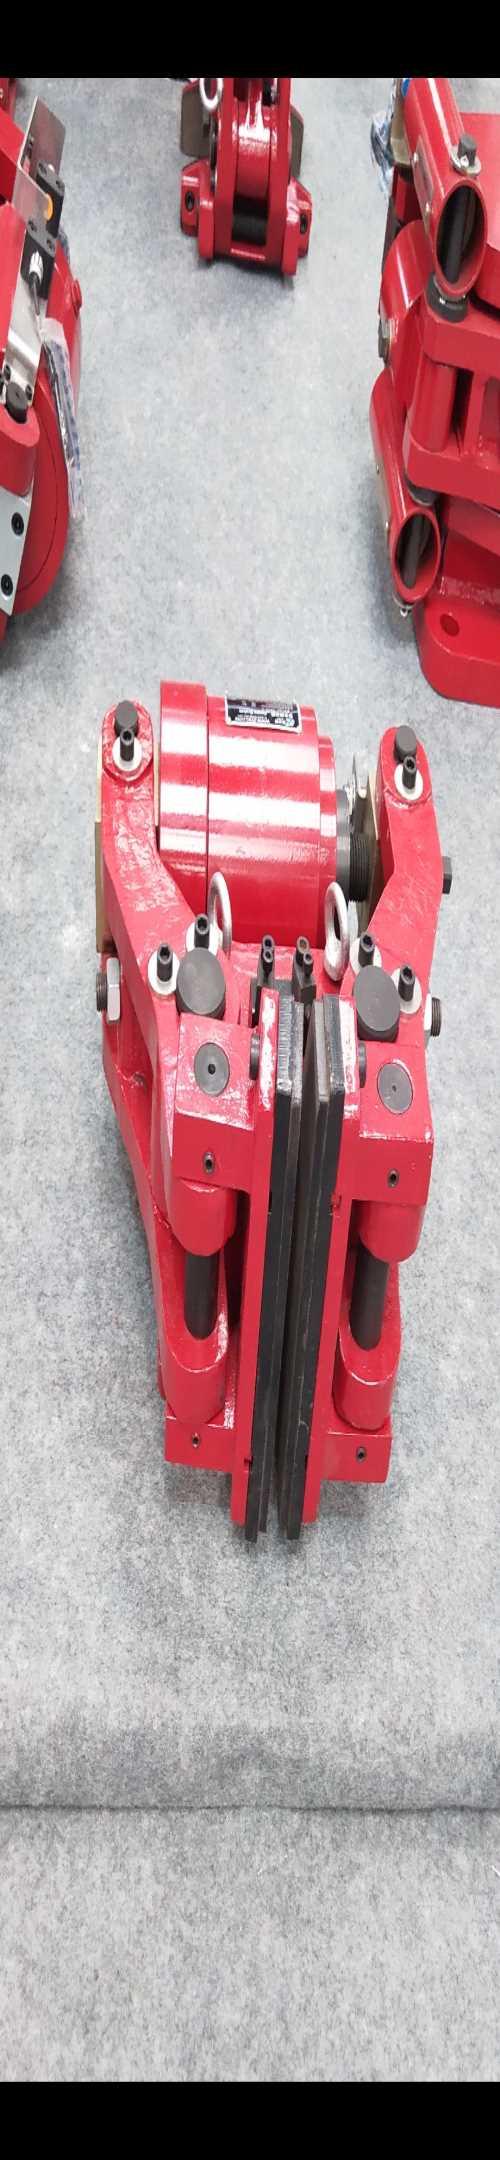 广东低速轴制动器哪家好_磁滞制动器相关-焦作市重型机械制动器有限公司